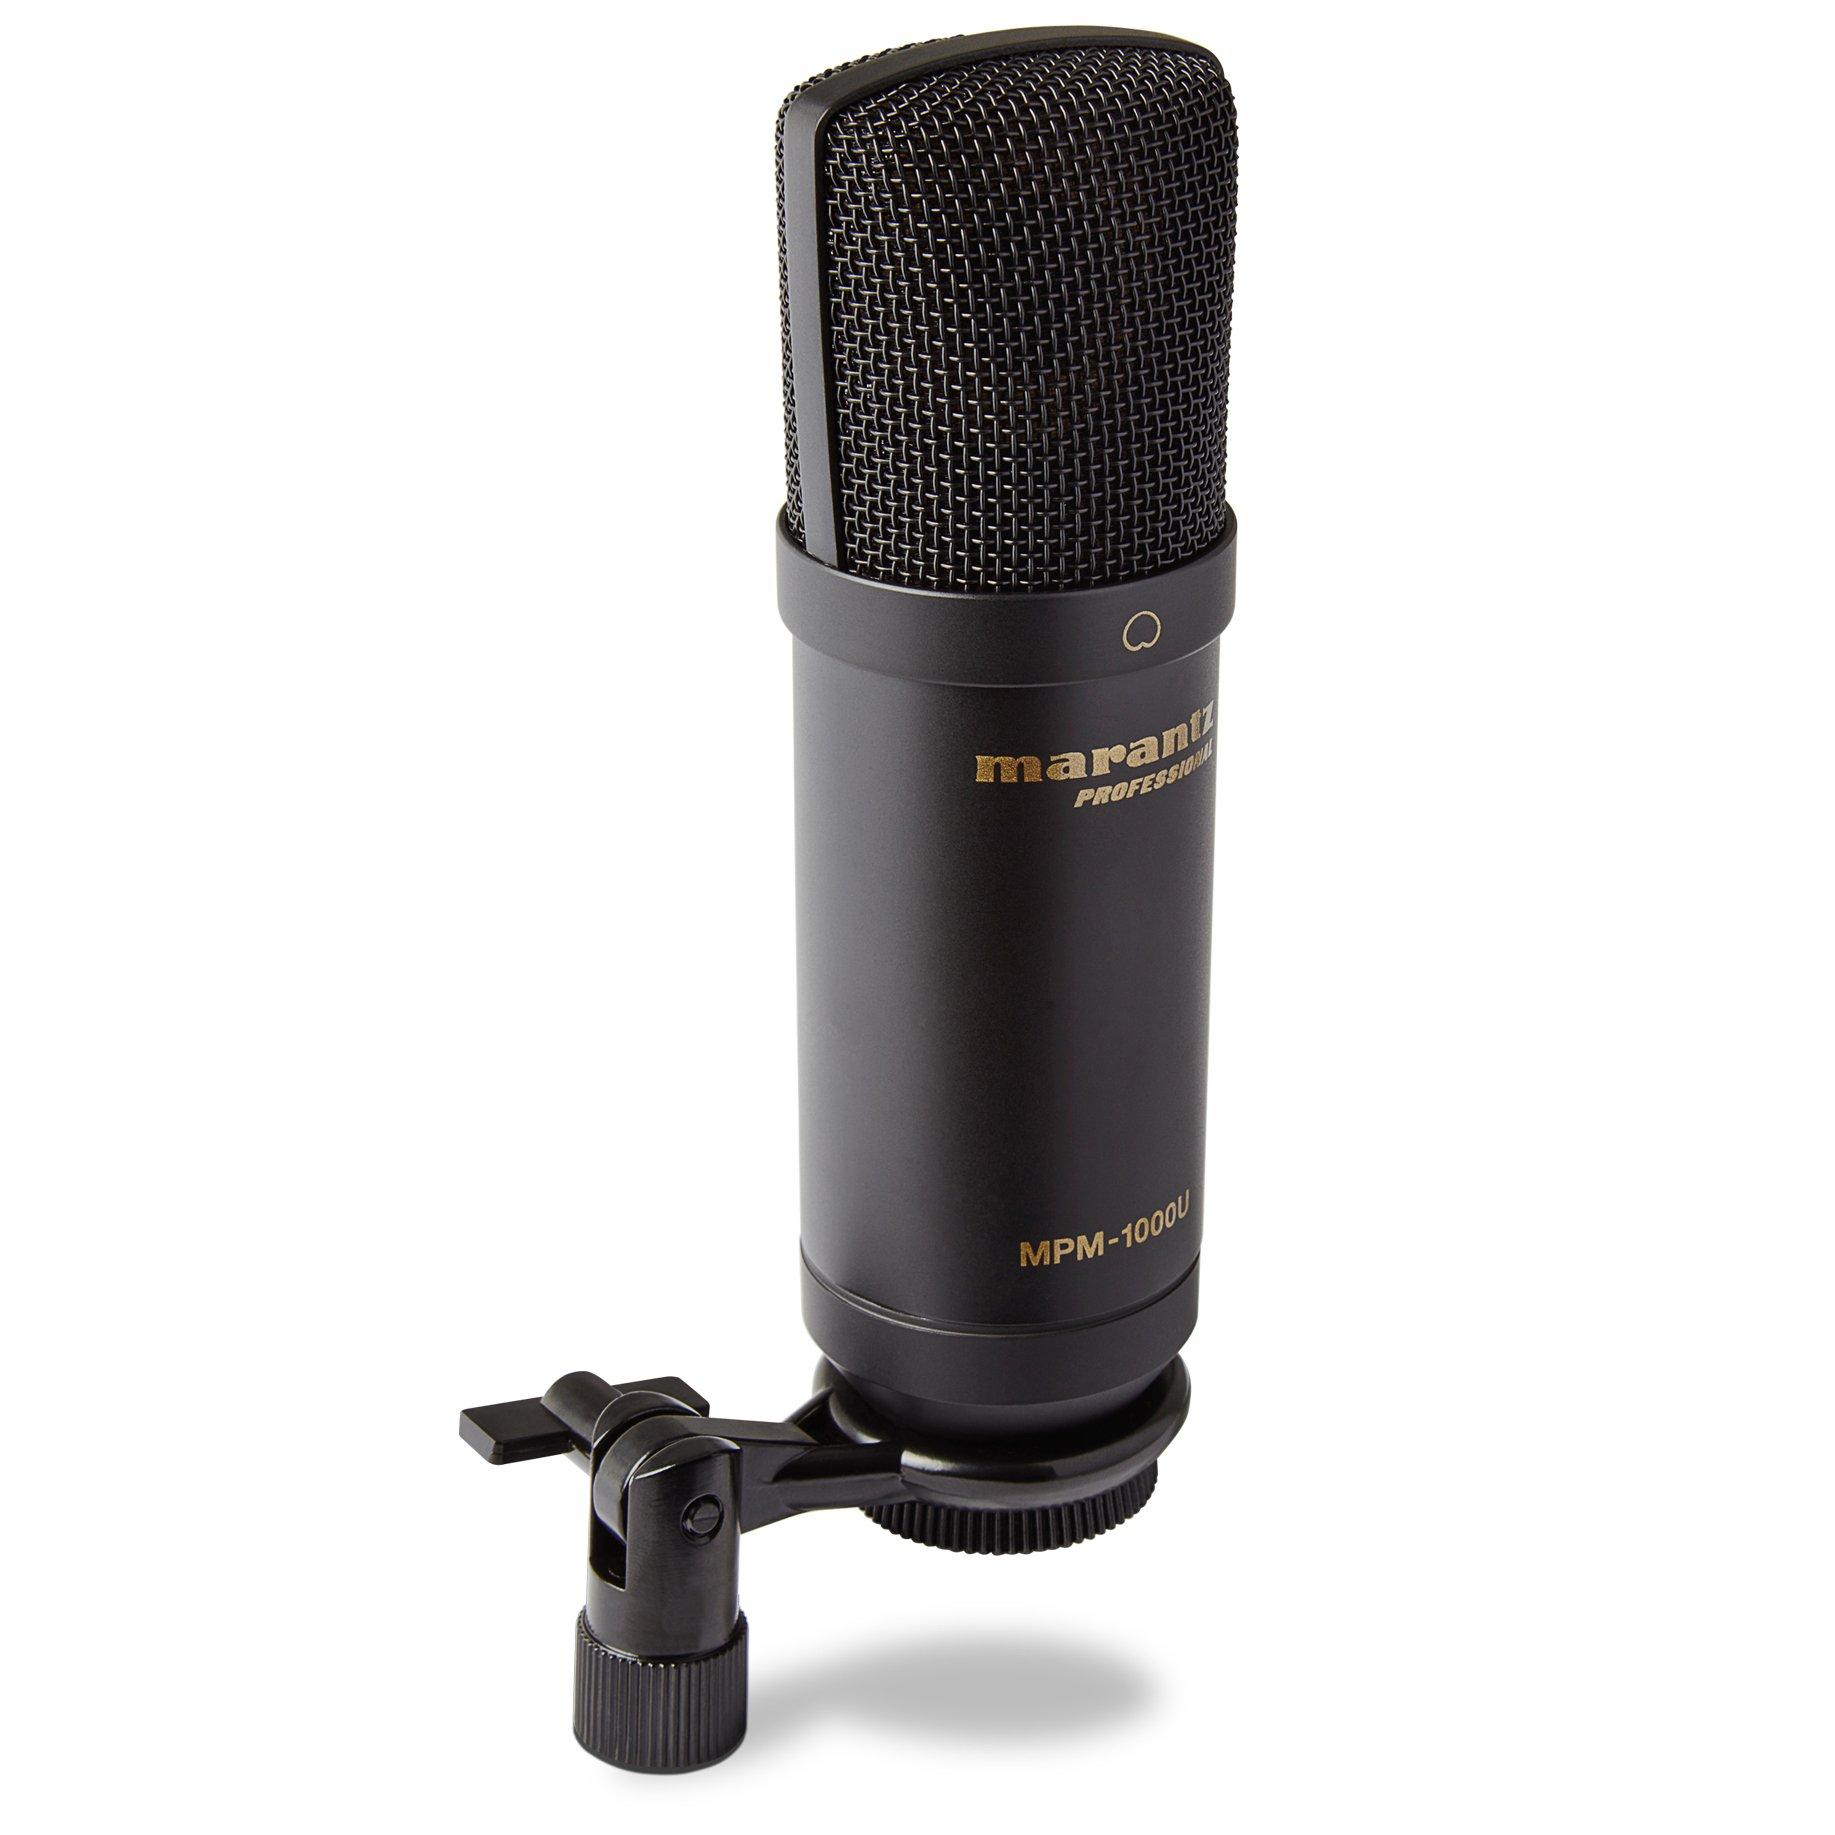 Marantz Professional MPM-1000U | Micrófono de condensador USB de diafragma grande para podcasting y grabación, incluido